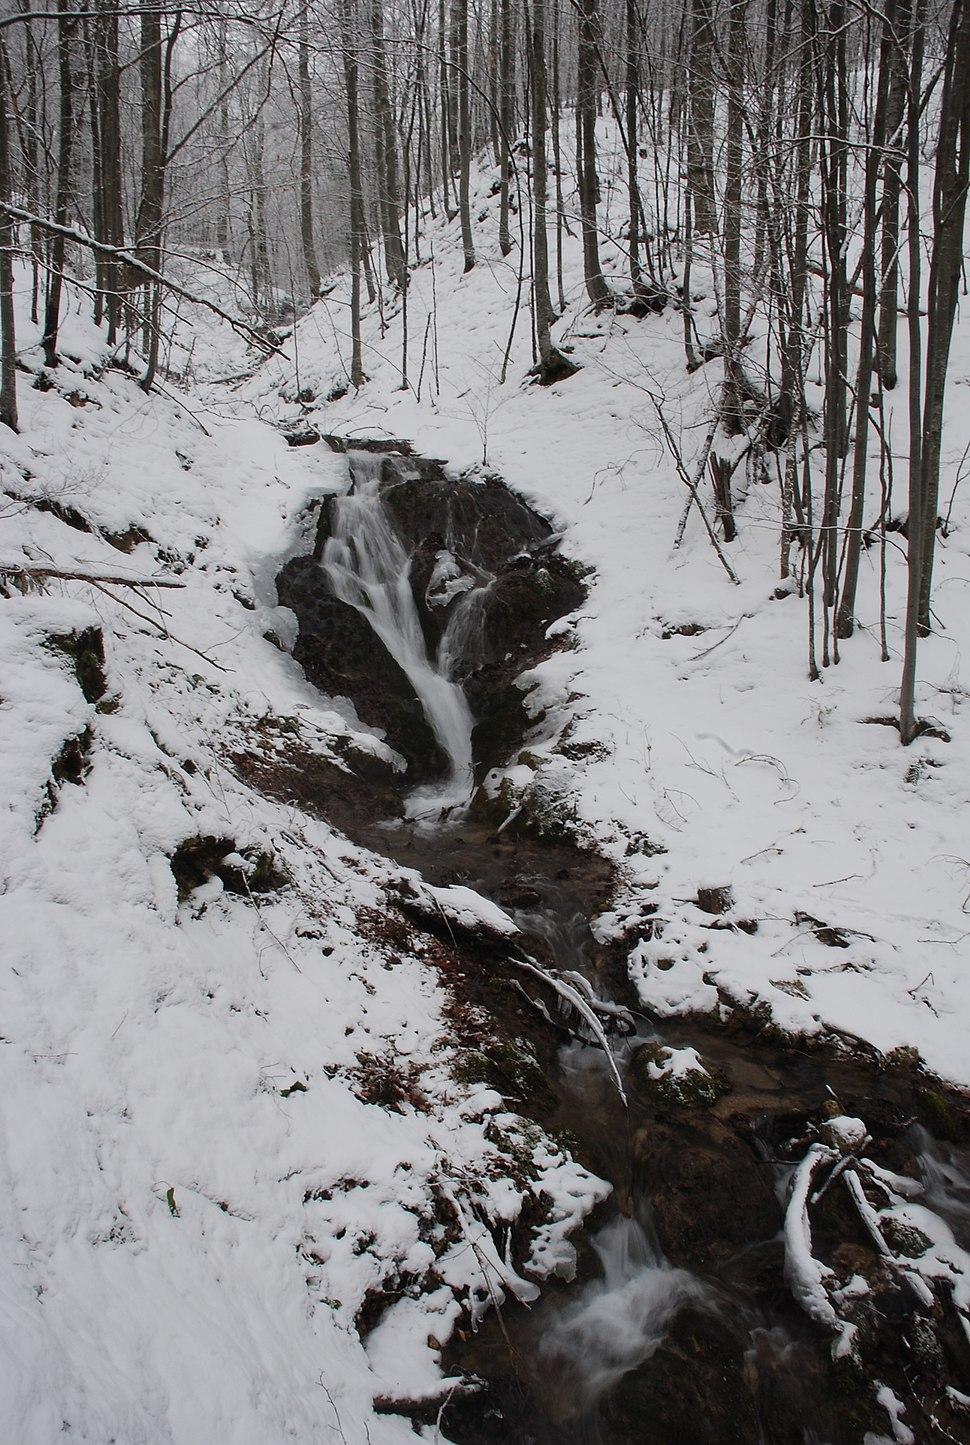 Povlenska reka - Vodopad - 3